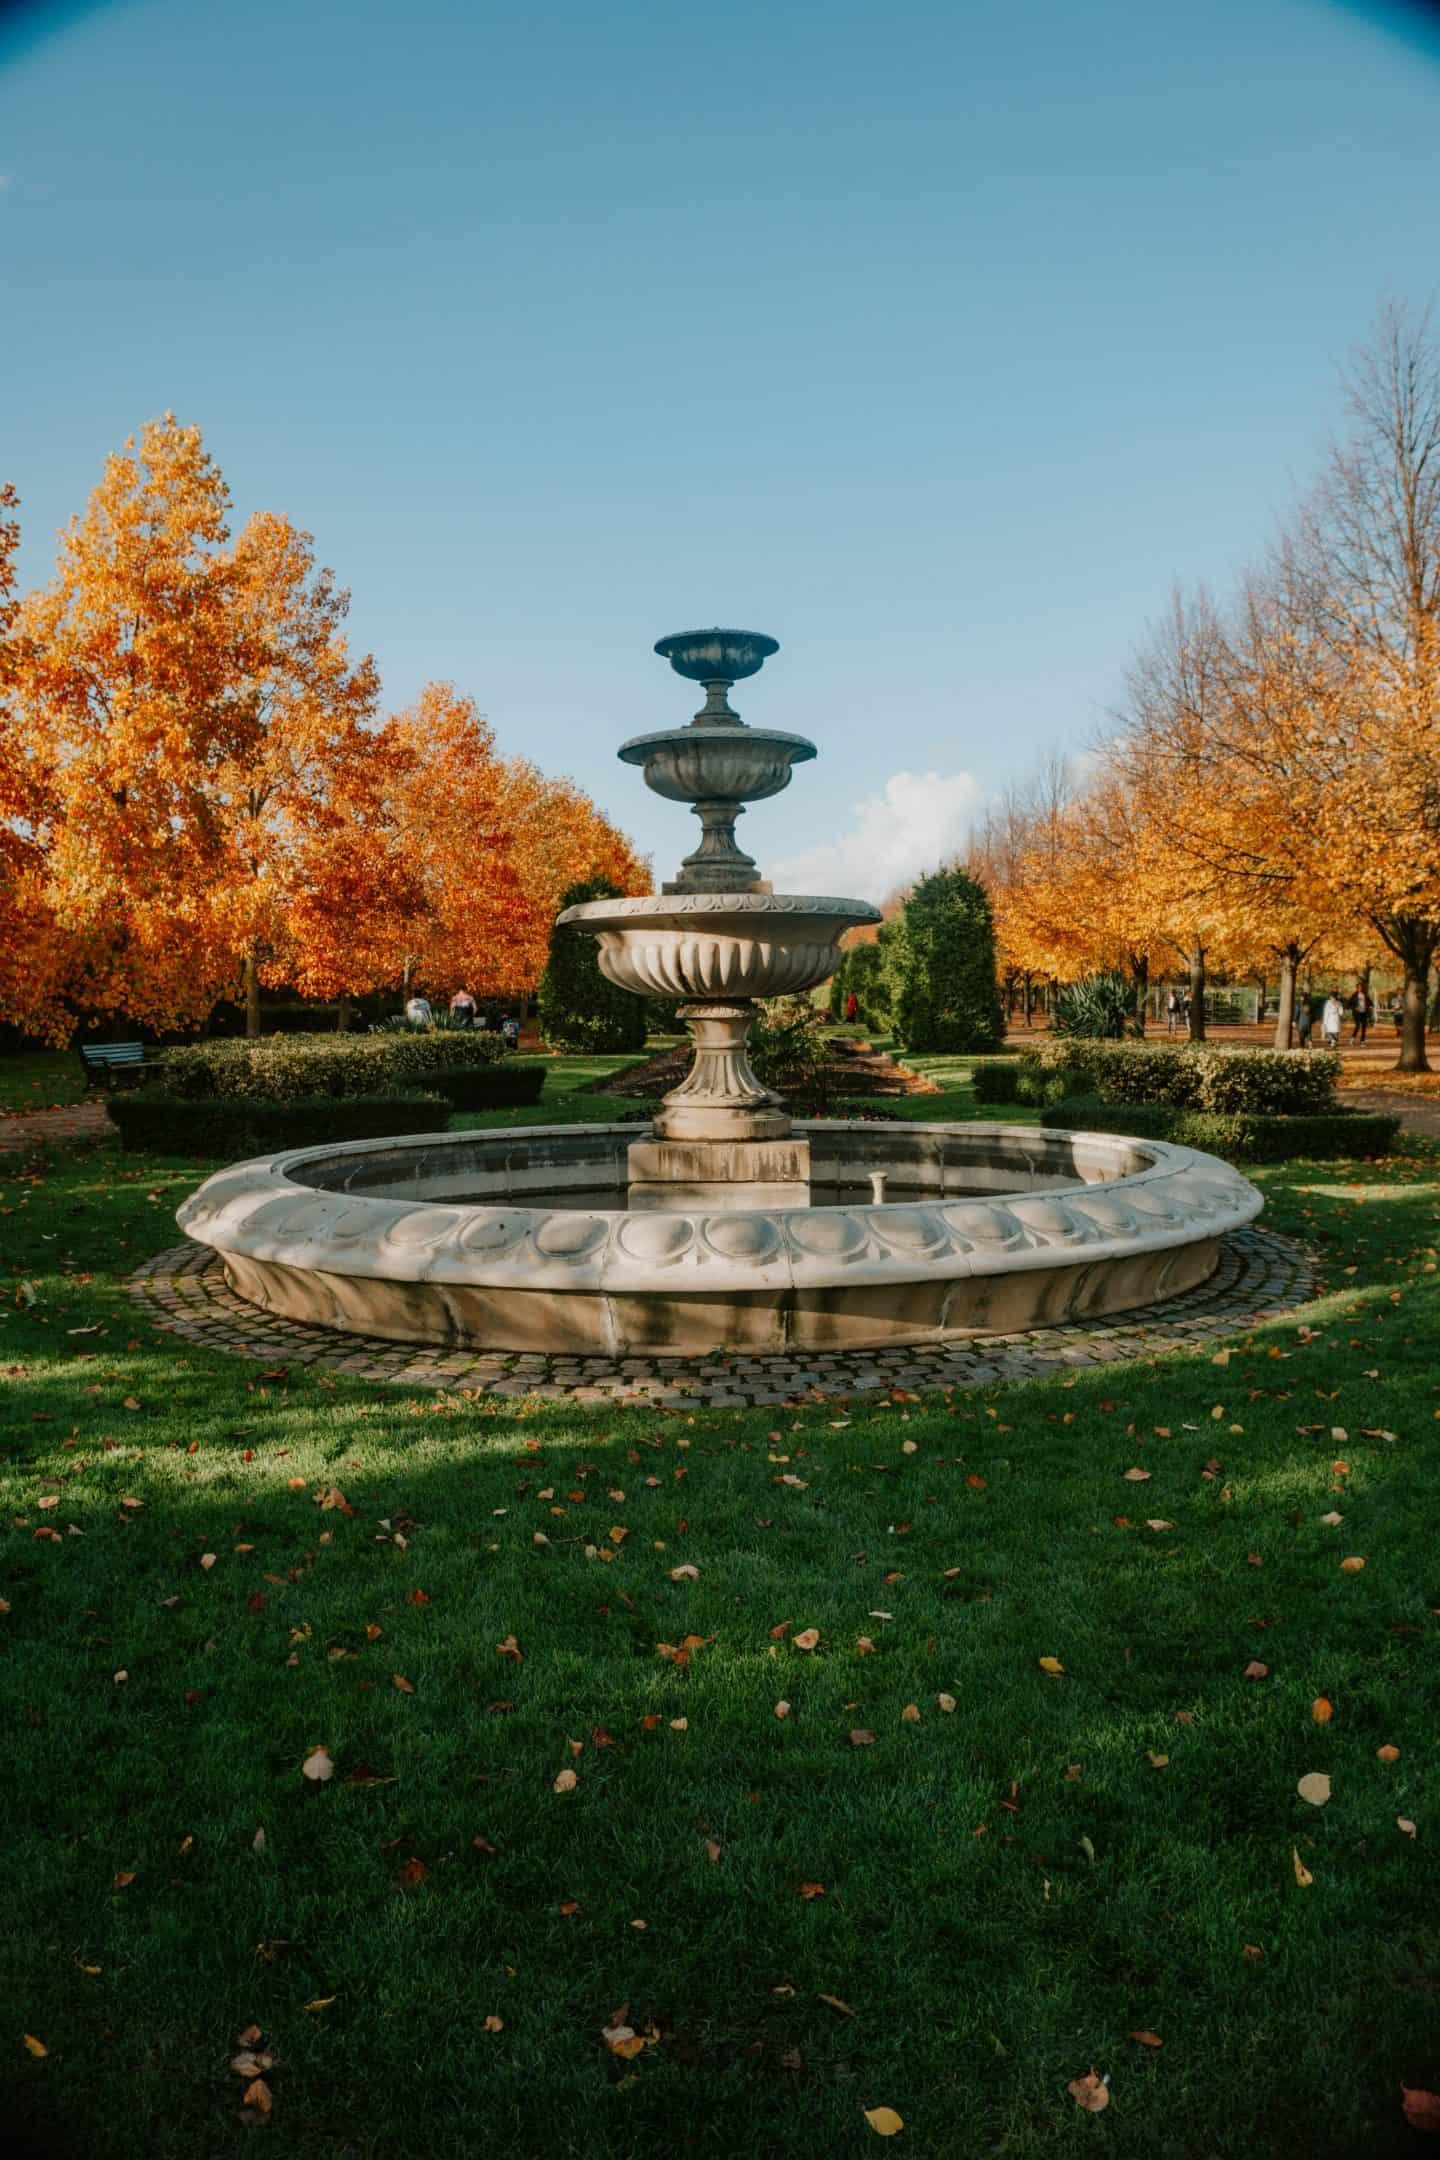 St. Regent's Park